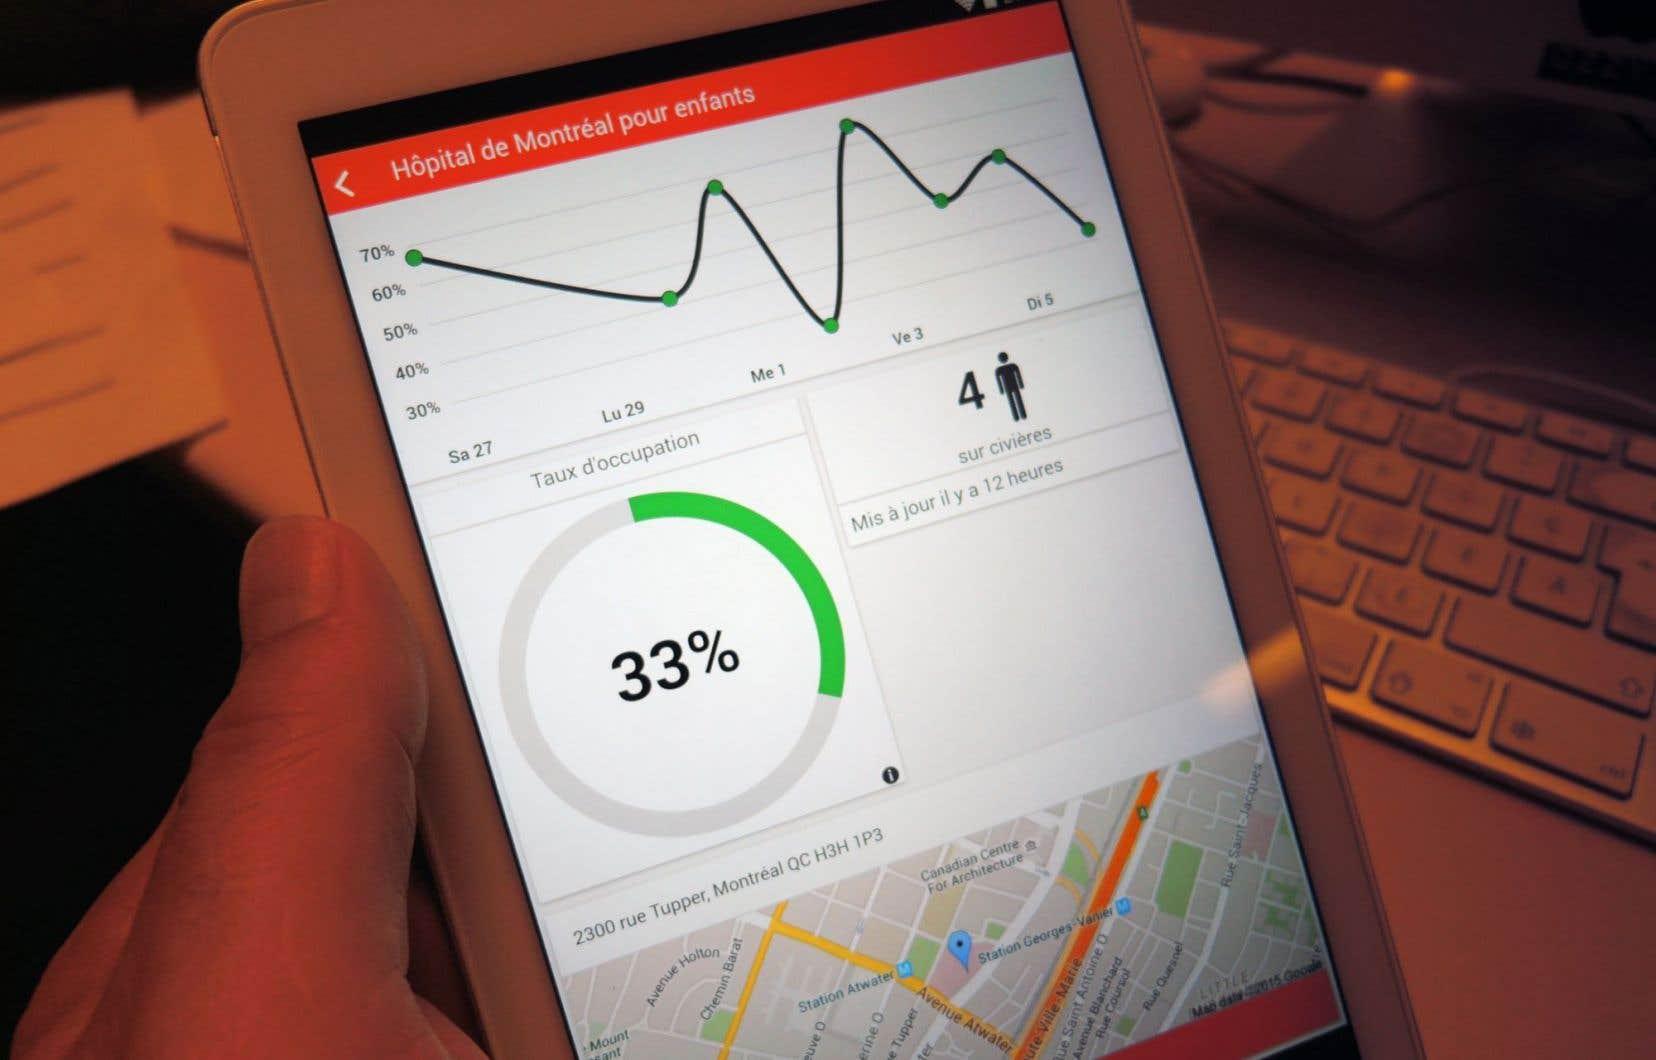 L'application Doctr géolocalise l'utilisateur, puis dévoile la liste des hôpitaux les plus près de lui, en indiquant le taux d'occupation de l'urgence et le nombre de civières.